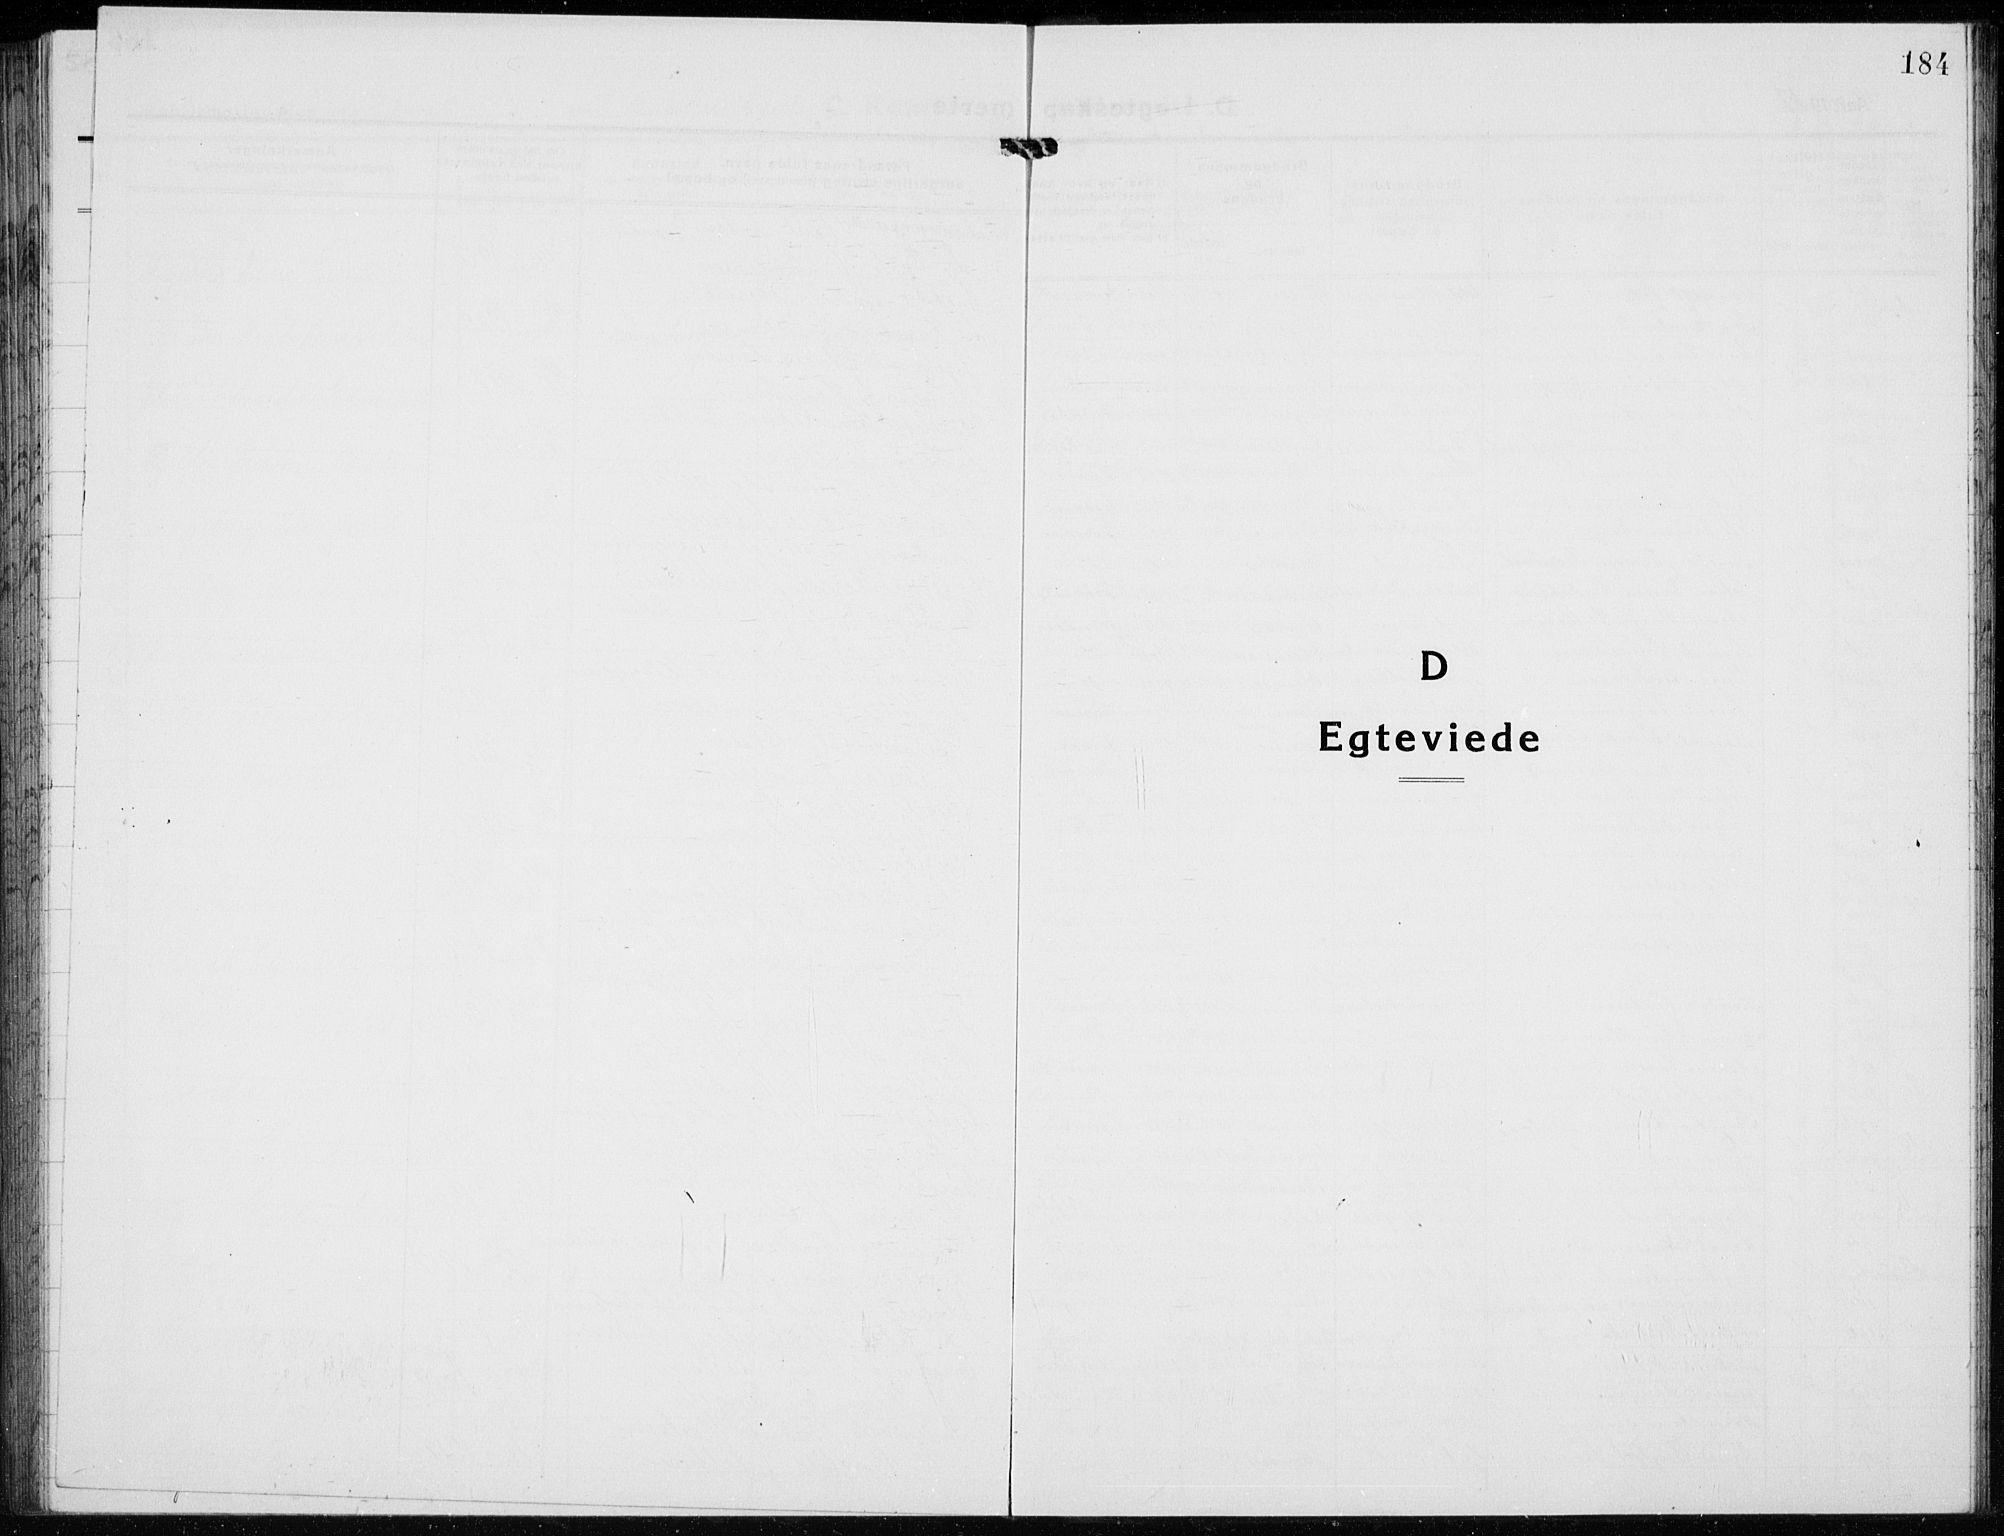 SAH, Jevnaker prestekontor, Klokkerbok nr. 5, 1919-1934, s. 184